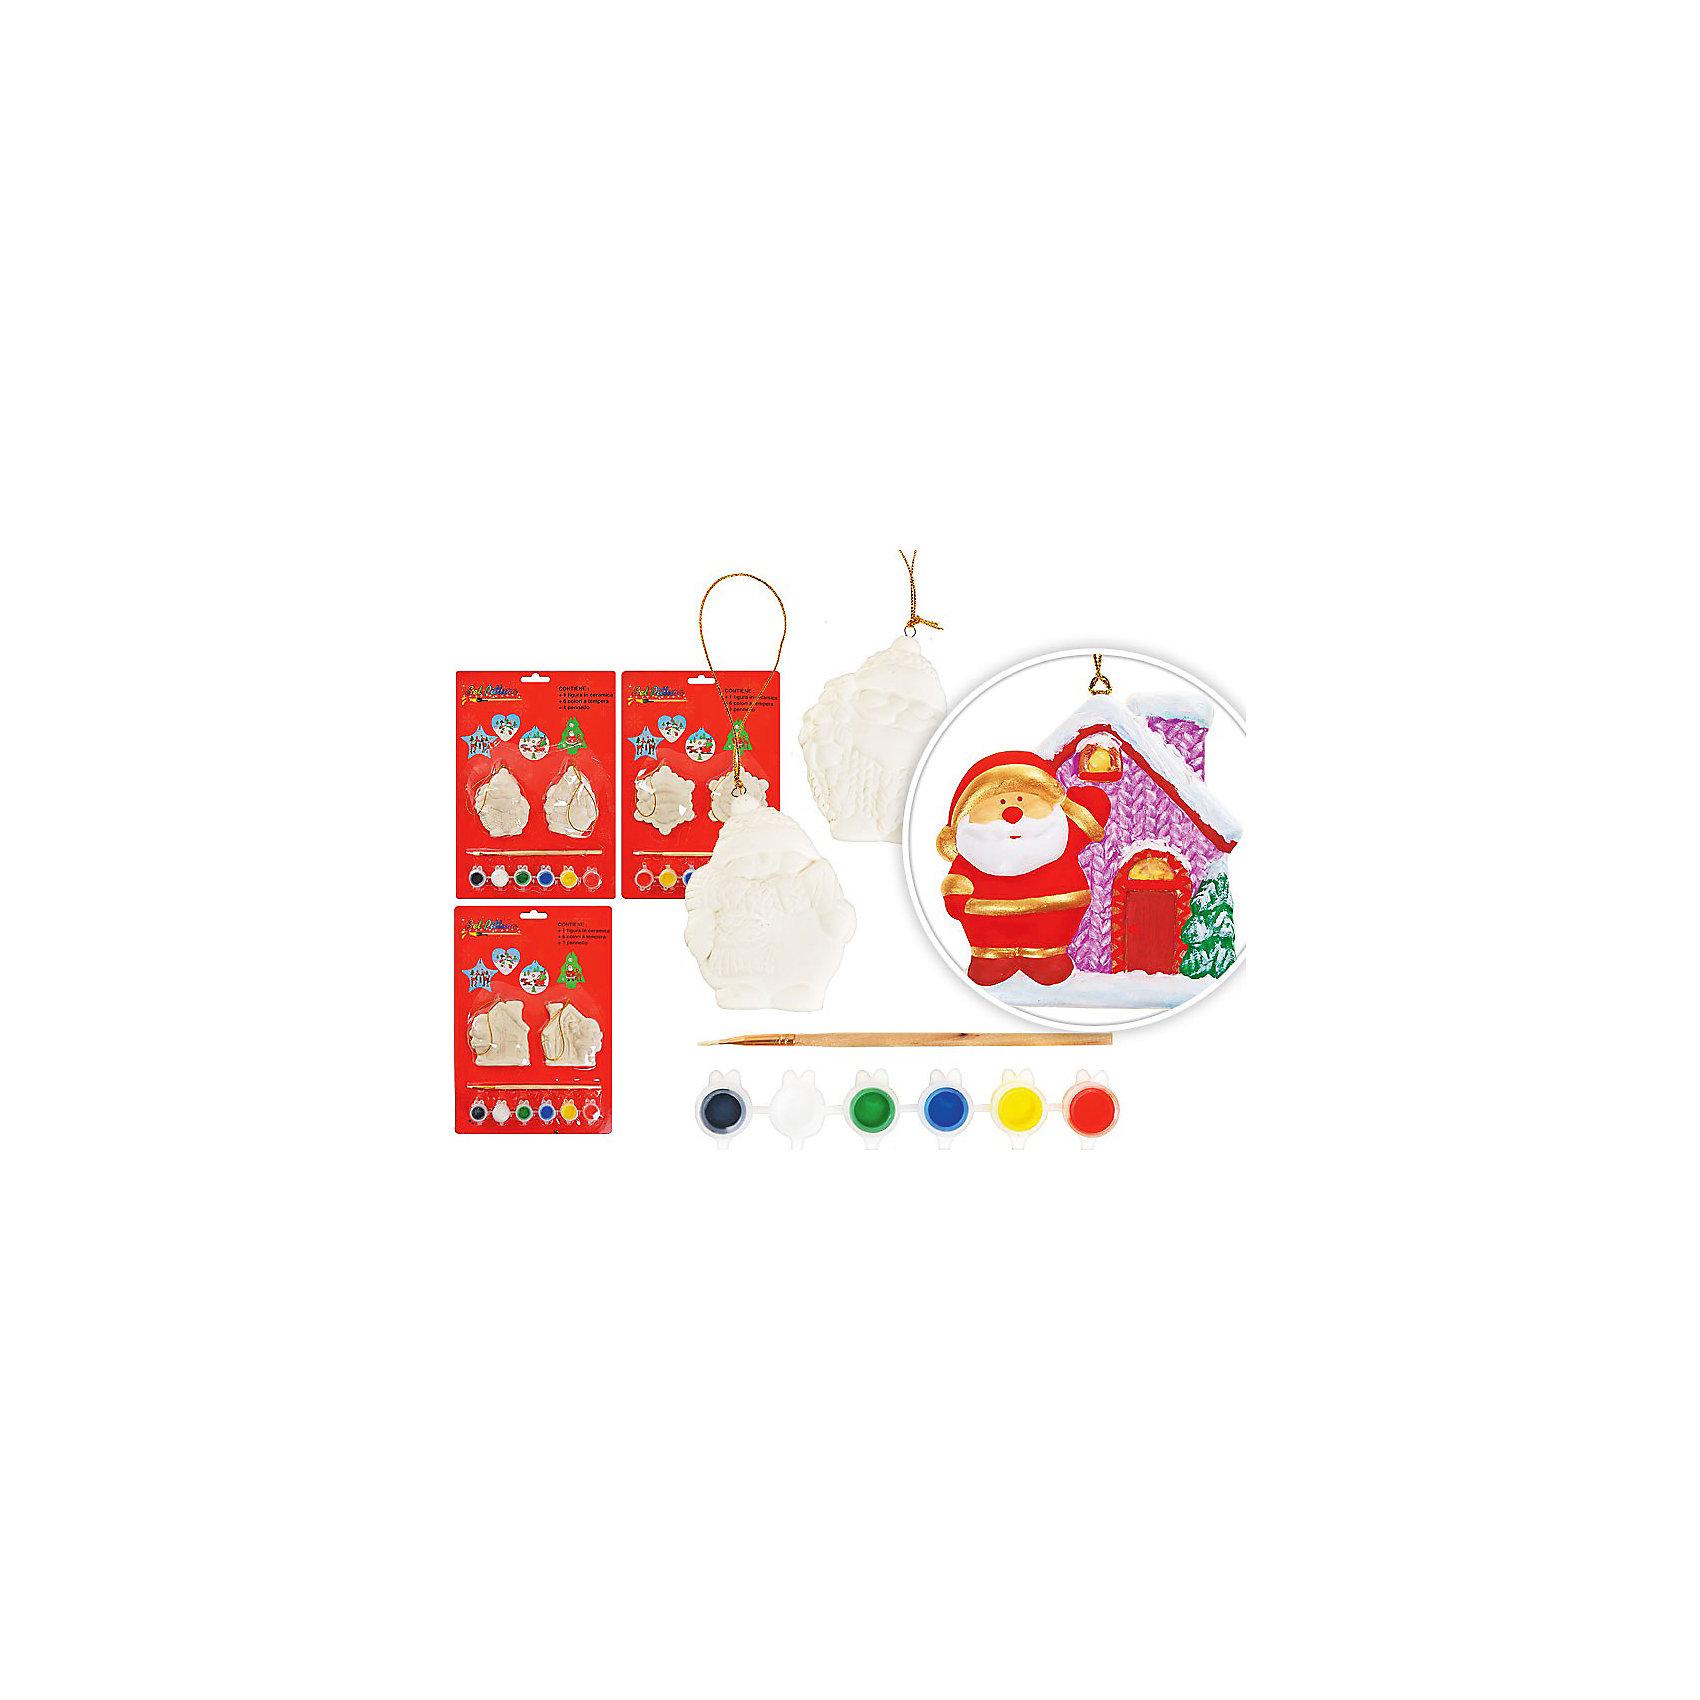 Набор керамических сувениров для раскрашивания, TUKZARНабор керамических сувениров для раскрашивания, Tukzar (Тукзар) станет замечательным новогодним подарком для Вашего ребенка. В комплект входят две керамических формы, которые надо раскрасить согласно своей фантазии, кисточка и 6 красок. В ассортименте представлены 3 варианта набора с формами в виде звездочек, Деда Мороза с домиком или мешком подарков. Набор оформлен в блистерную упаковку.<br><br>Дополнительная информация:<br><br>- Материал: керамика.<br>- В комплекте: 2 формы для раскрашивания, кисточка, 6 красок.<br>- Размер упаковки: 20 х 28 см.<br>- Вес: 0,275 кг. <br><br>Набор керамических сувениров для раскрашивания, Tukzar (Тукзар) можно купить в нашем интернет-магазине.<br><br>ВНИМАНИЕ! Данный артикул имеется в наличии в разных вариантах исполнения. Заранее выбрать определенный вариант нельзя. При заказе нескольких наборов возможно получение одинаковых.<br><br>Ширина мм: 300<br>Глубина мм: 300<br>Высота мм: 100<br>Вес г: 190<br>Возраст от месяцев: 36<br>Возраст до месяцев: 168<br>Пол: Унисекс<br>Возраст: Детский<br>SKU: 3875836